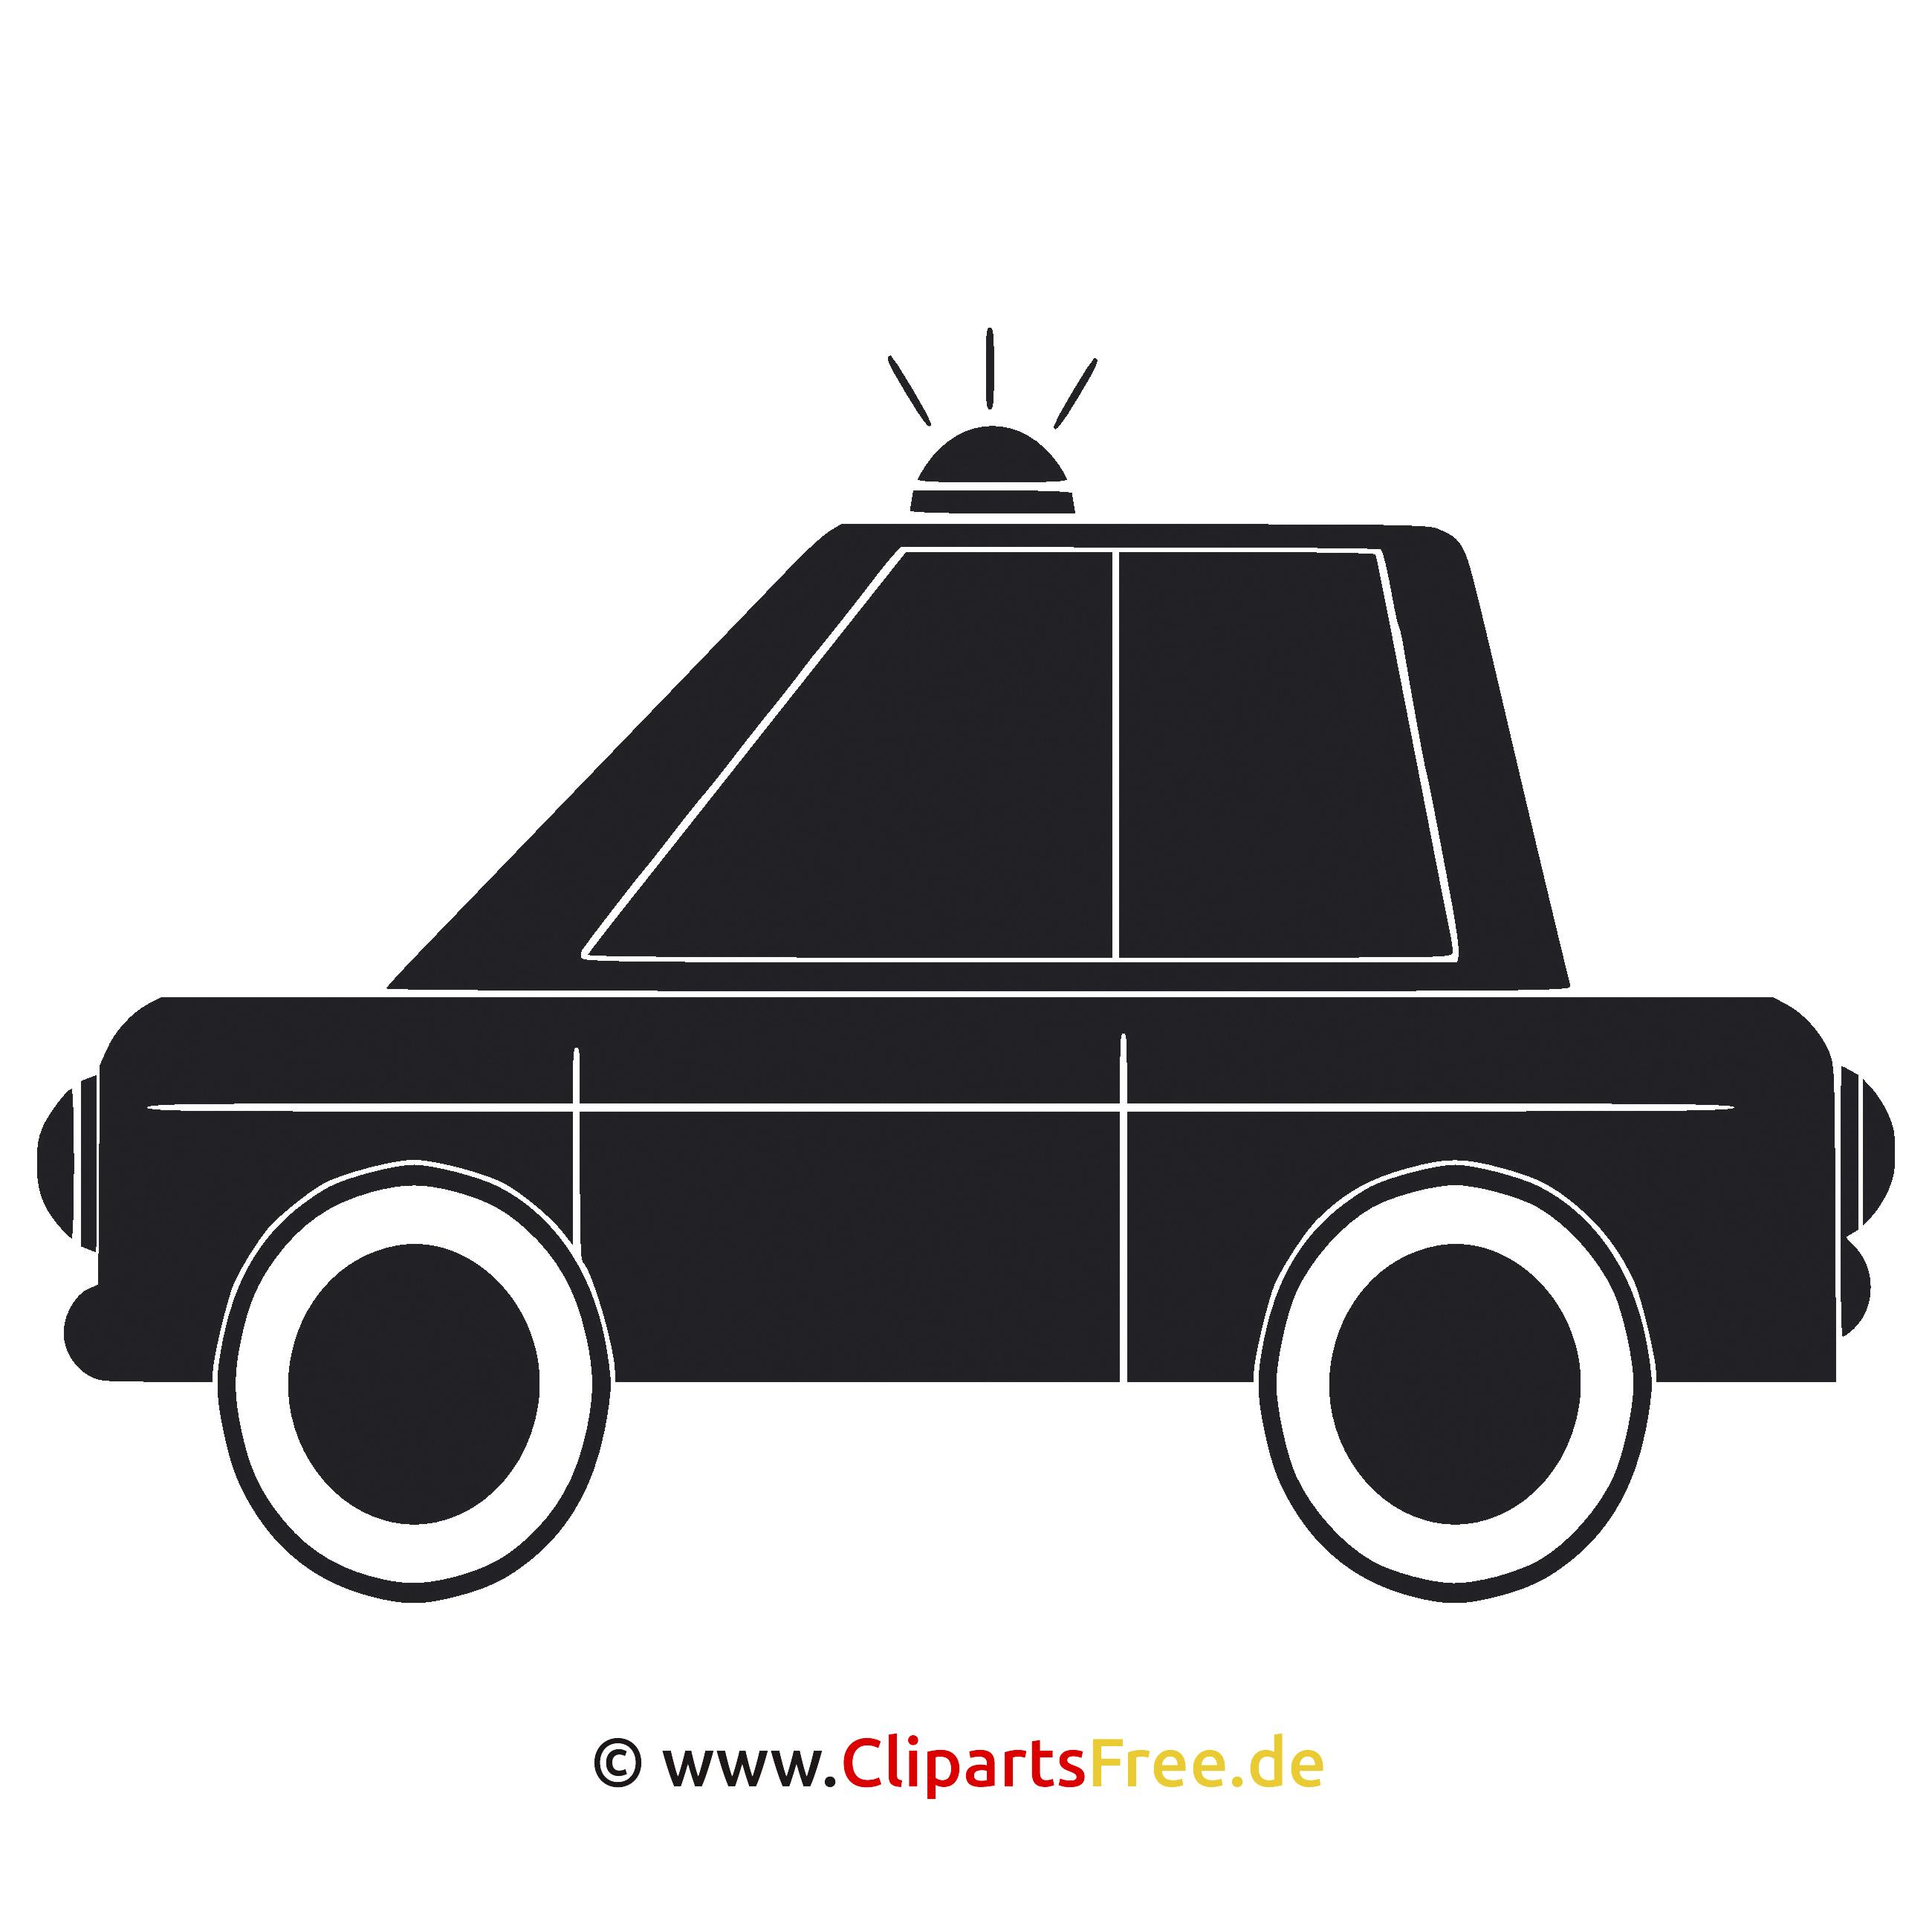 SVG Graphics - Polizei Auto Clipart